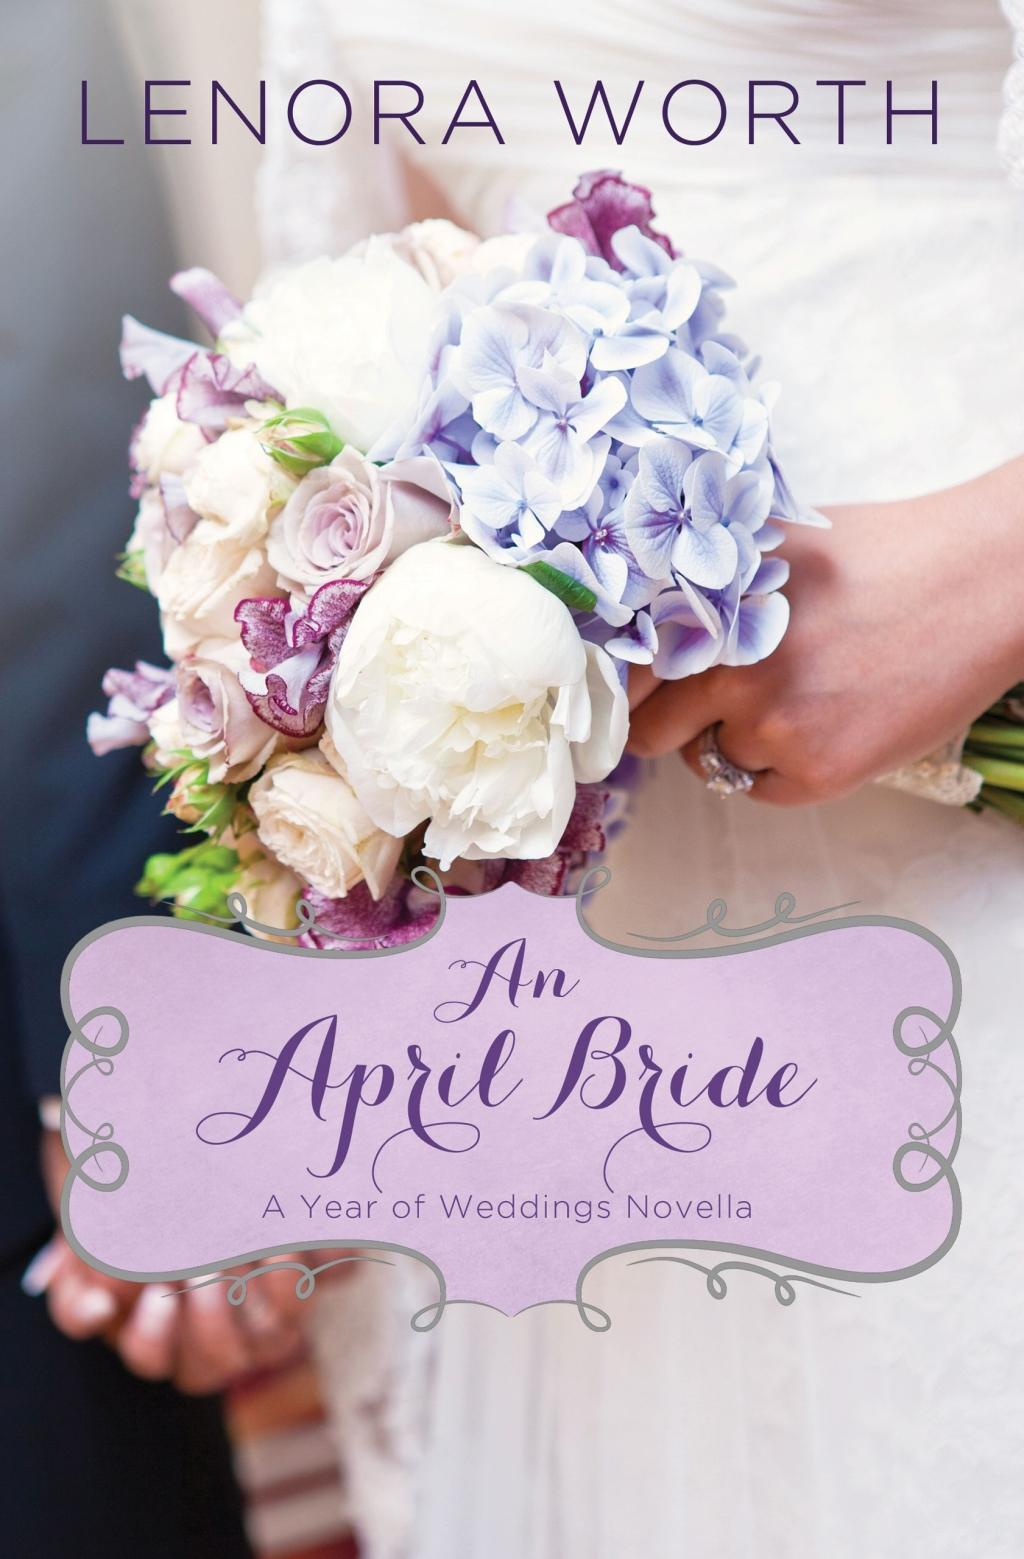 An April Bride